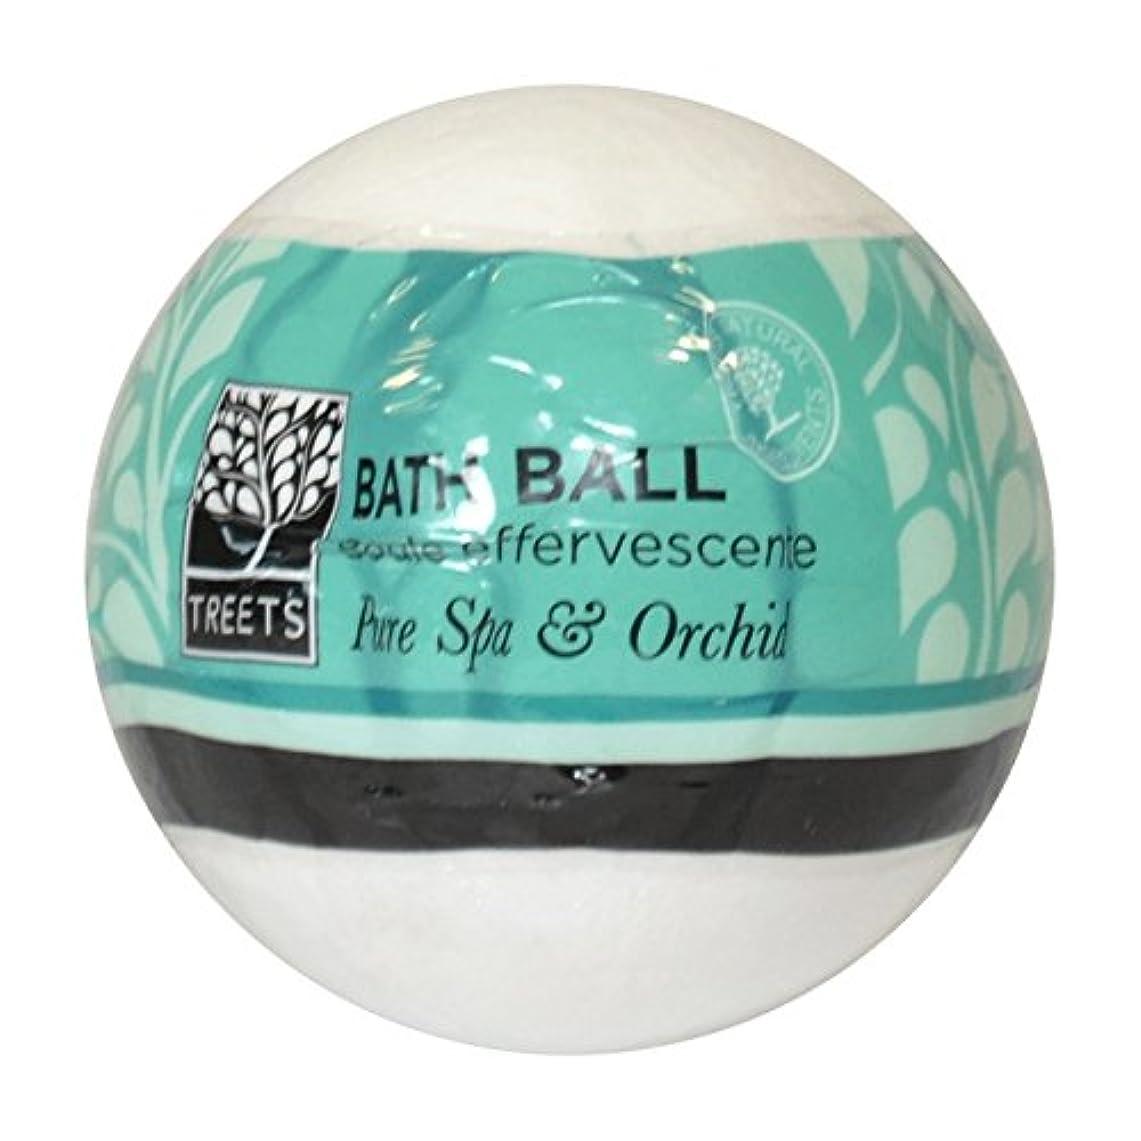 予約週末規制Treets蘭&純粋なスパバスボール - Treets Orchid & Pure Spa Bath Ball (Treets) [並行輸入品]